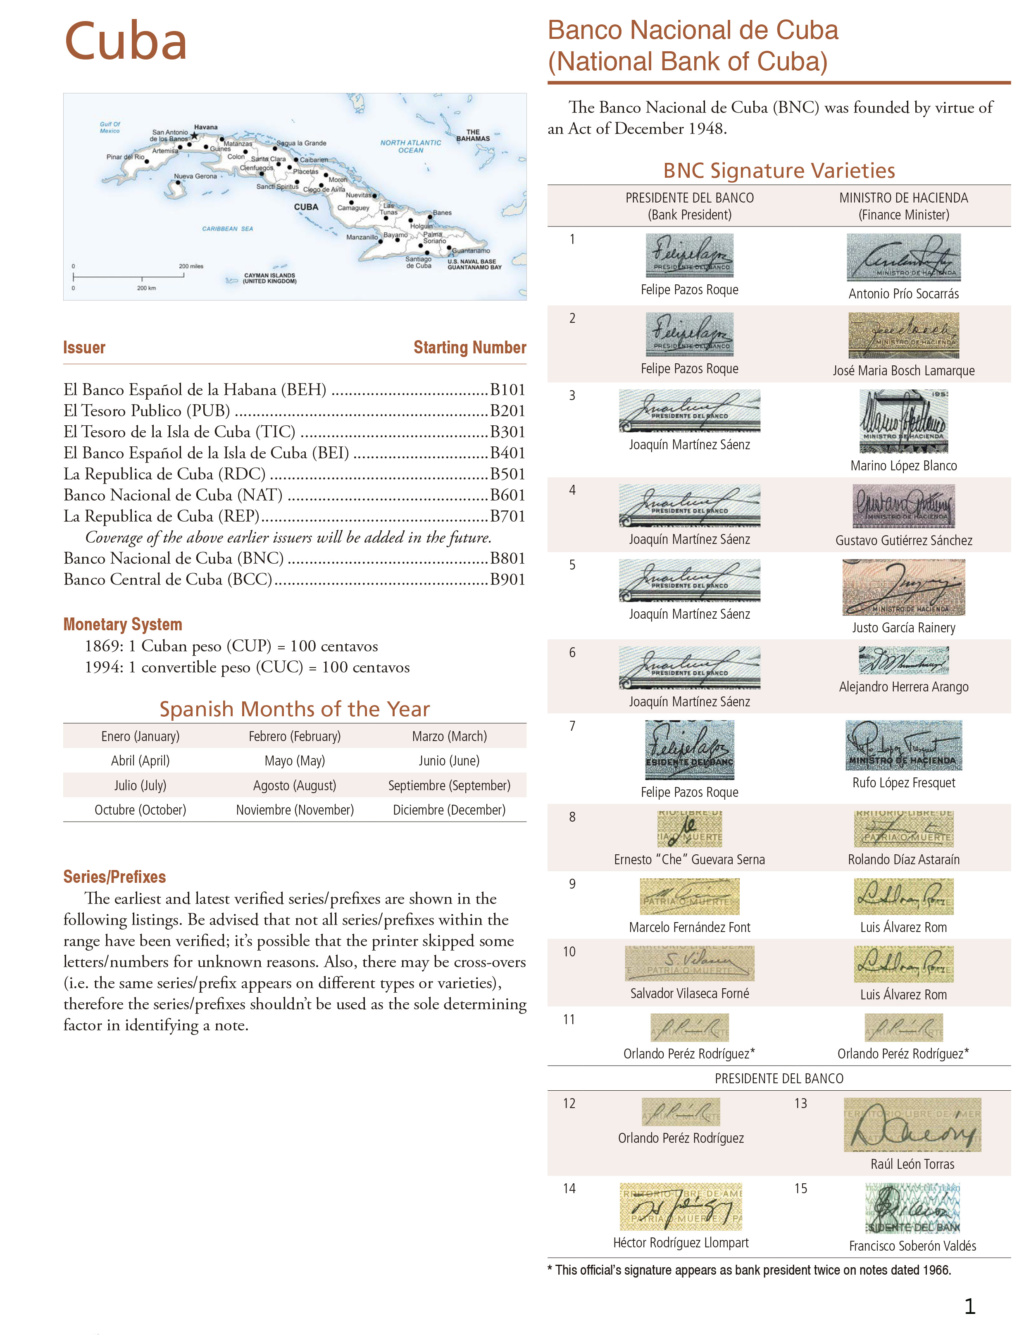 Catálogos The Banknote book - ¿Alguién los conoce? Bankno10